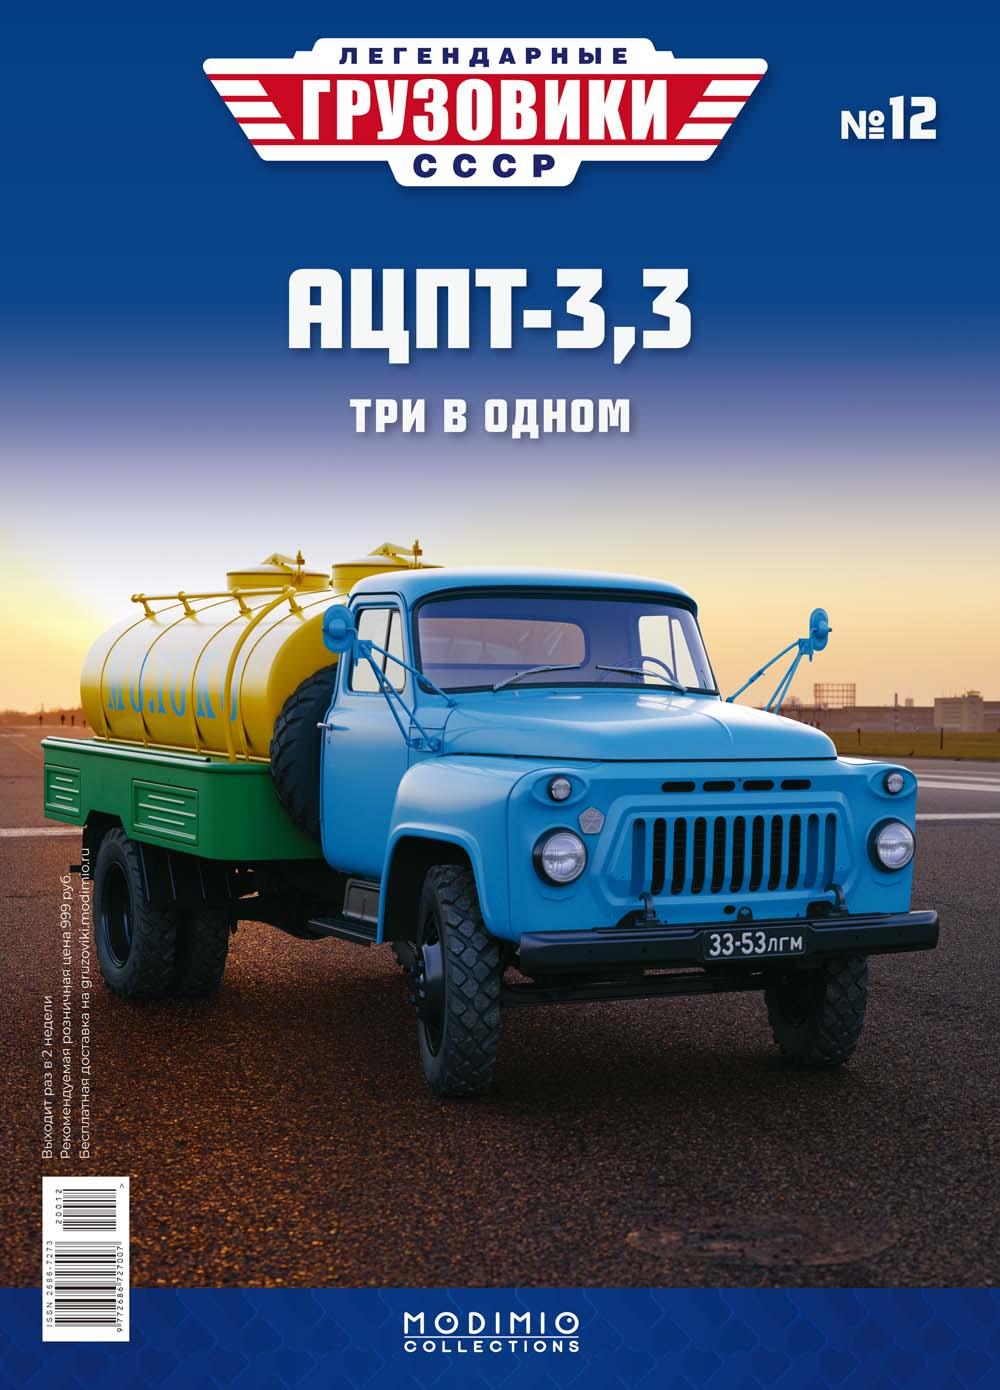 Журнал Легендарные грузовики СССР №12, АЦПТ-3,3 от MODIMIO